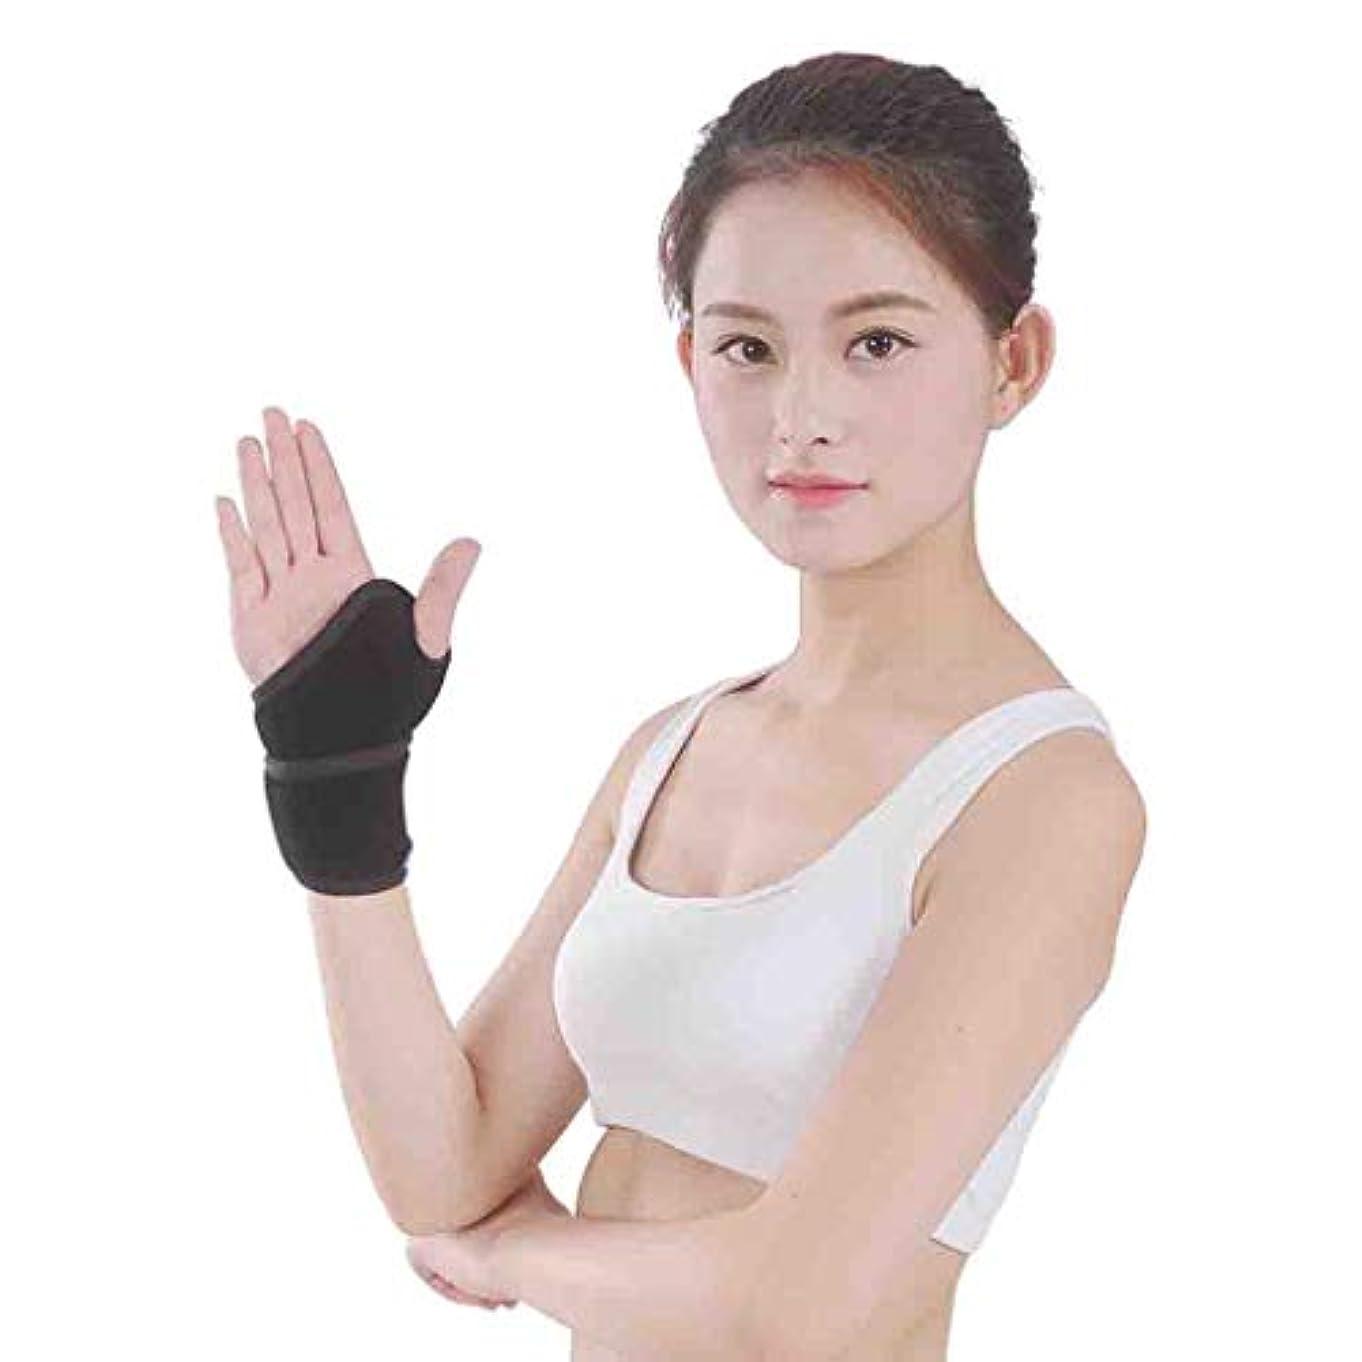 それに応じて初心者を除く関節炎のための親指のスプリントベージュの親指のブレース関節炎や軟組織の傷害、軽量と通気性のための腱膜炎のリストバンド Roscloud@